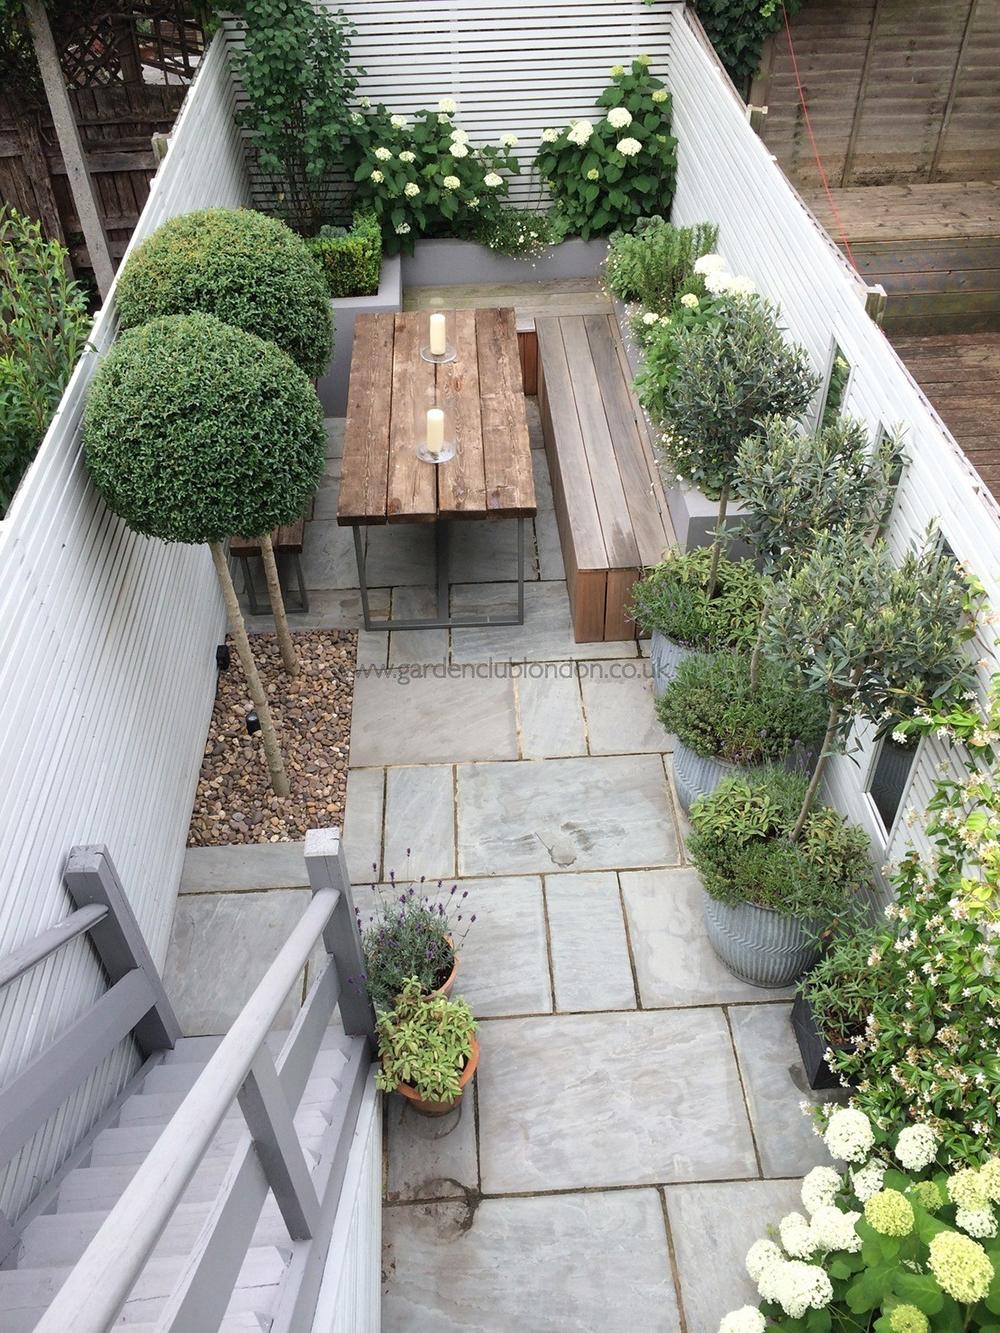 traumhafte ideen, wie ihr eure kleine terrasse gestalten könnt